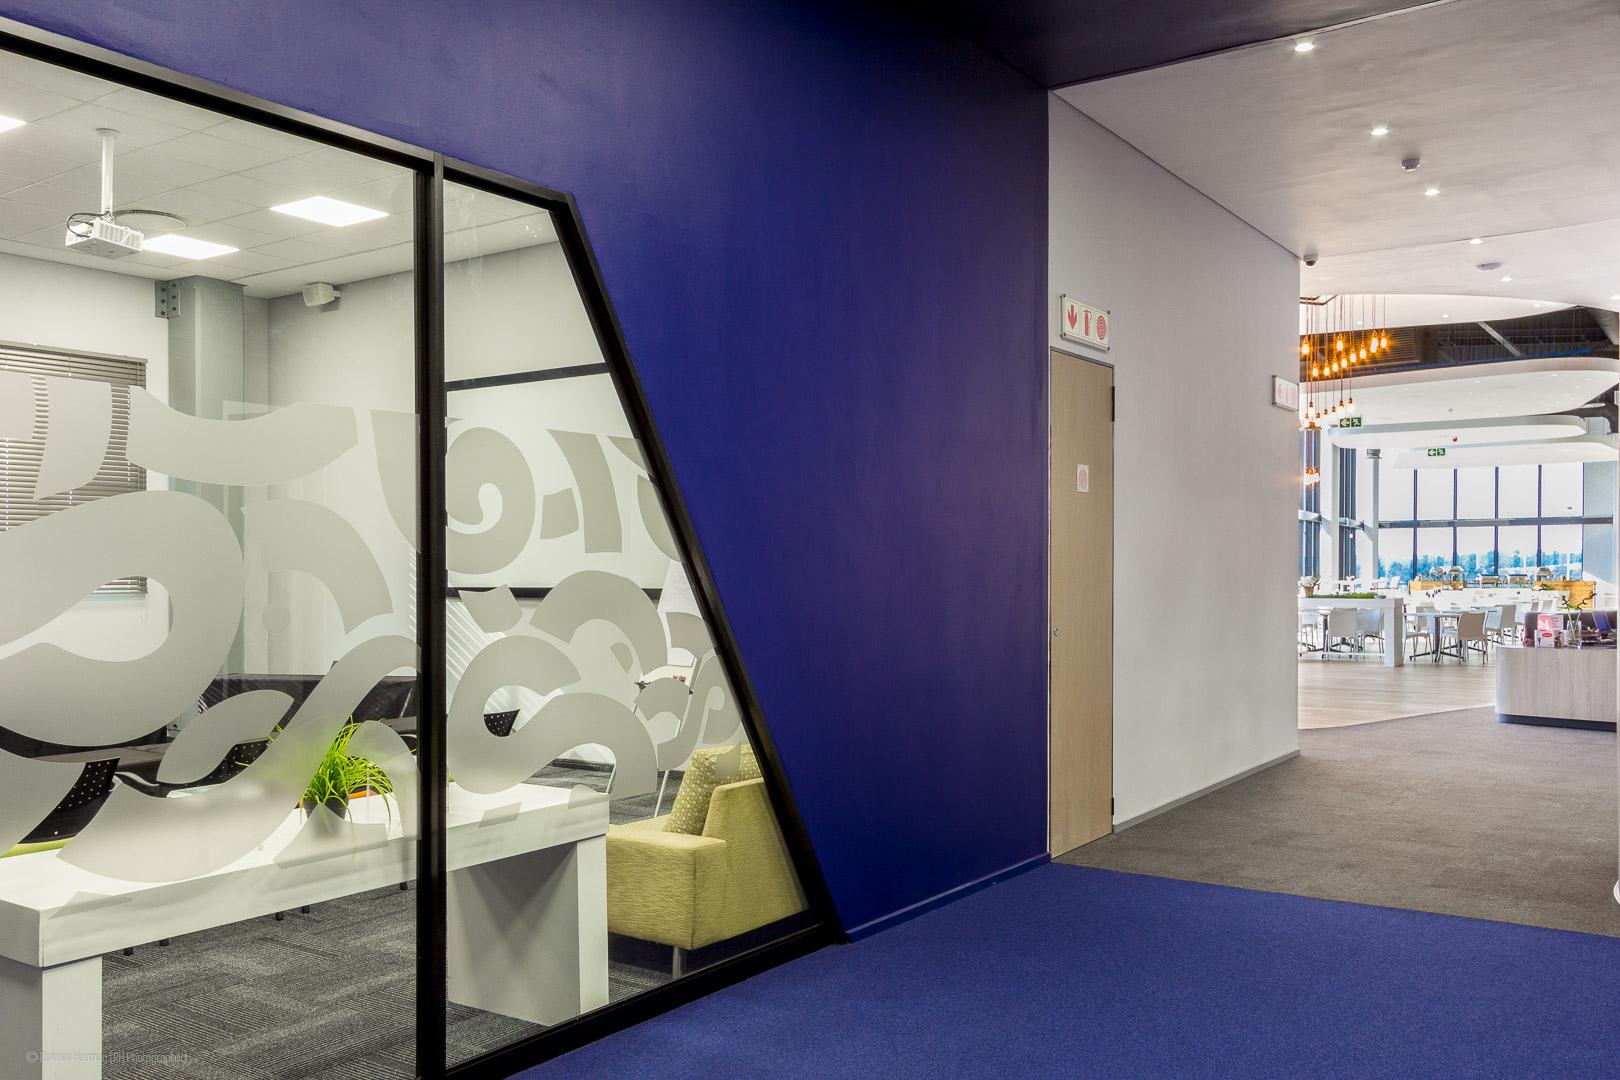 RHPX_Portfolio_Focus Rooms Interior-12